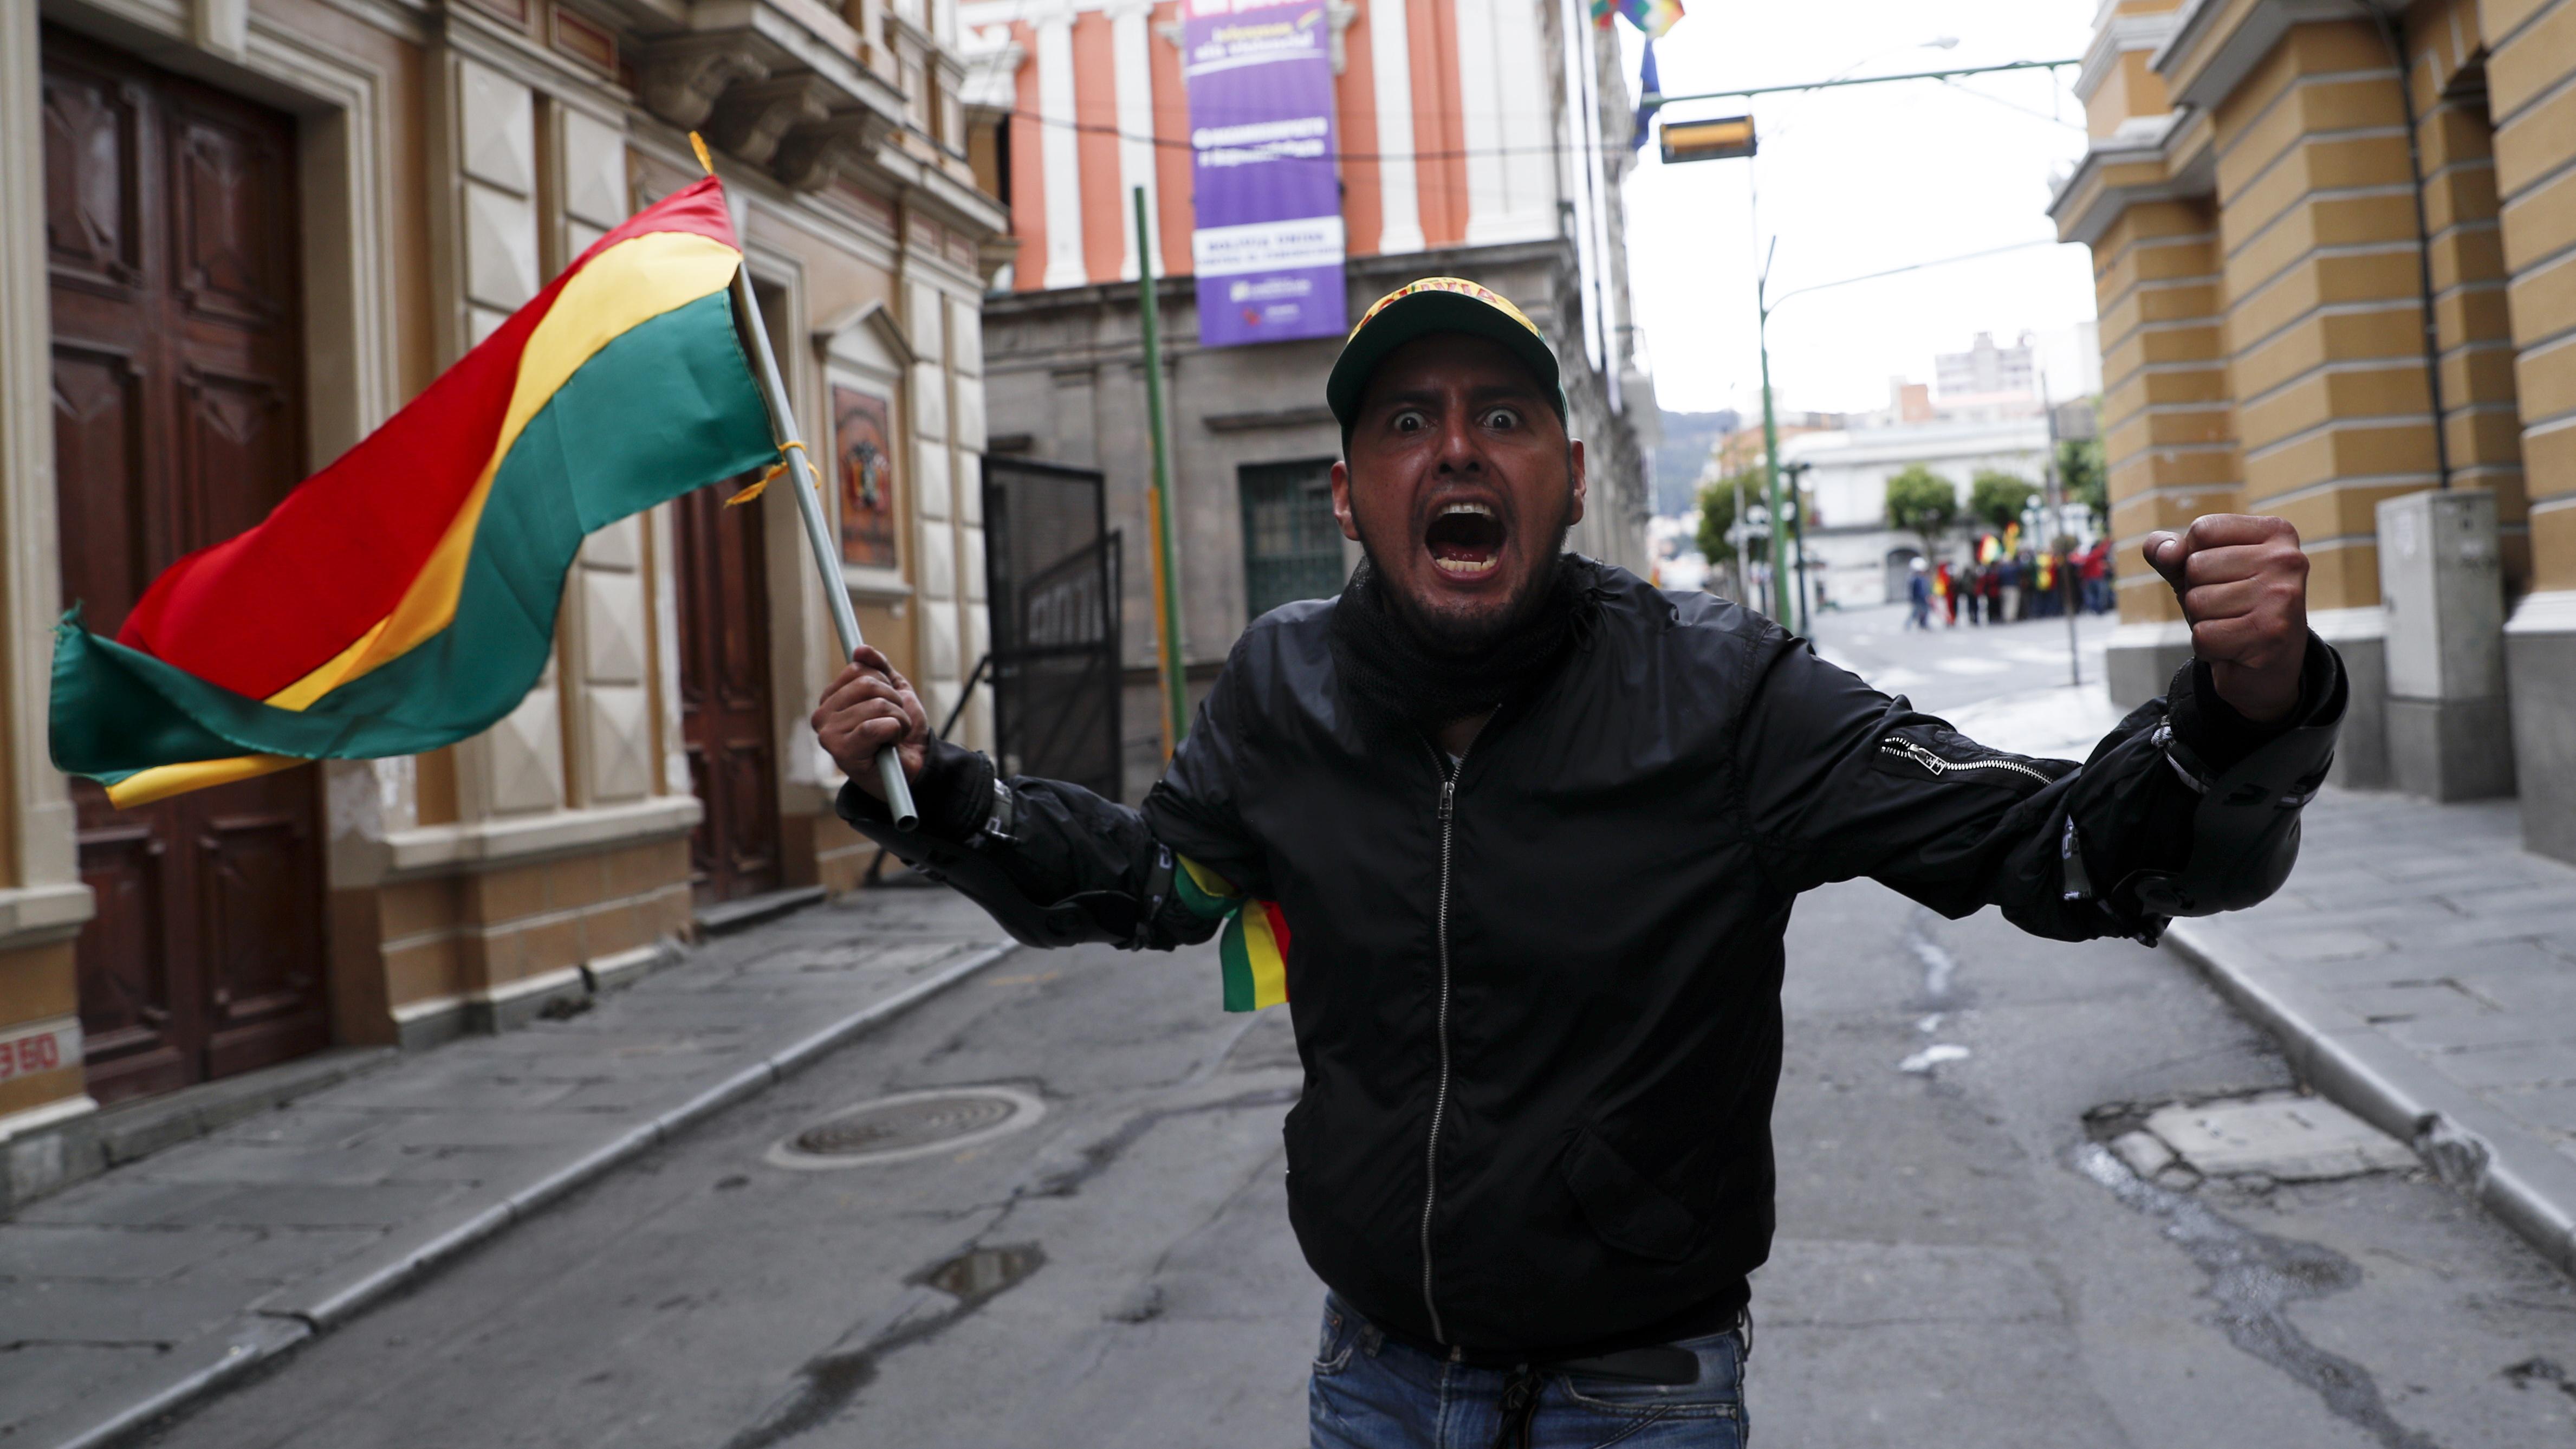 Aunque varias calles estaban cercadas, la oposición logró llegar hasta el corazón político del país